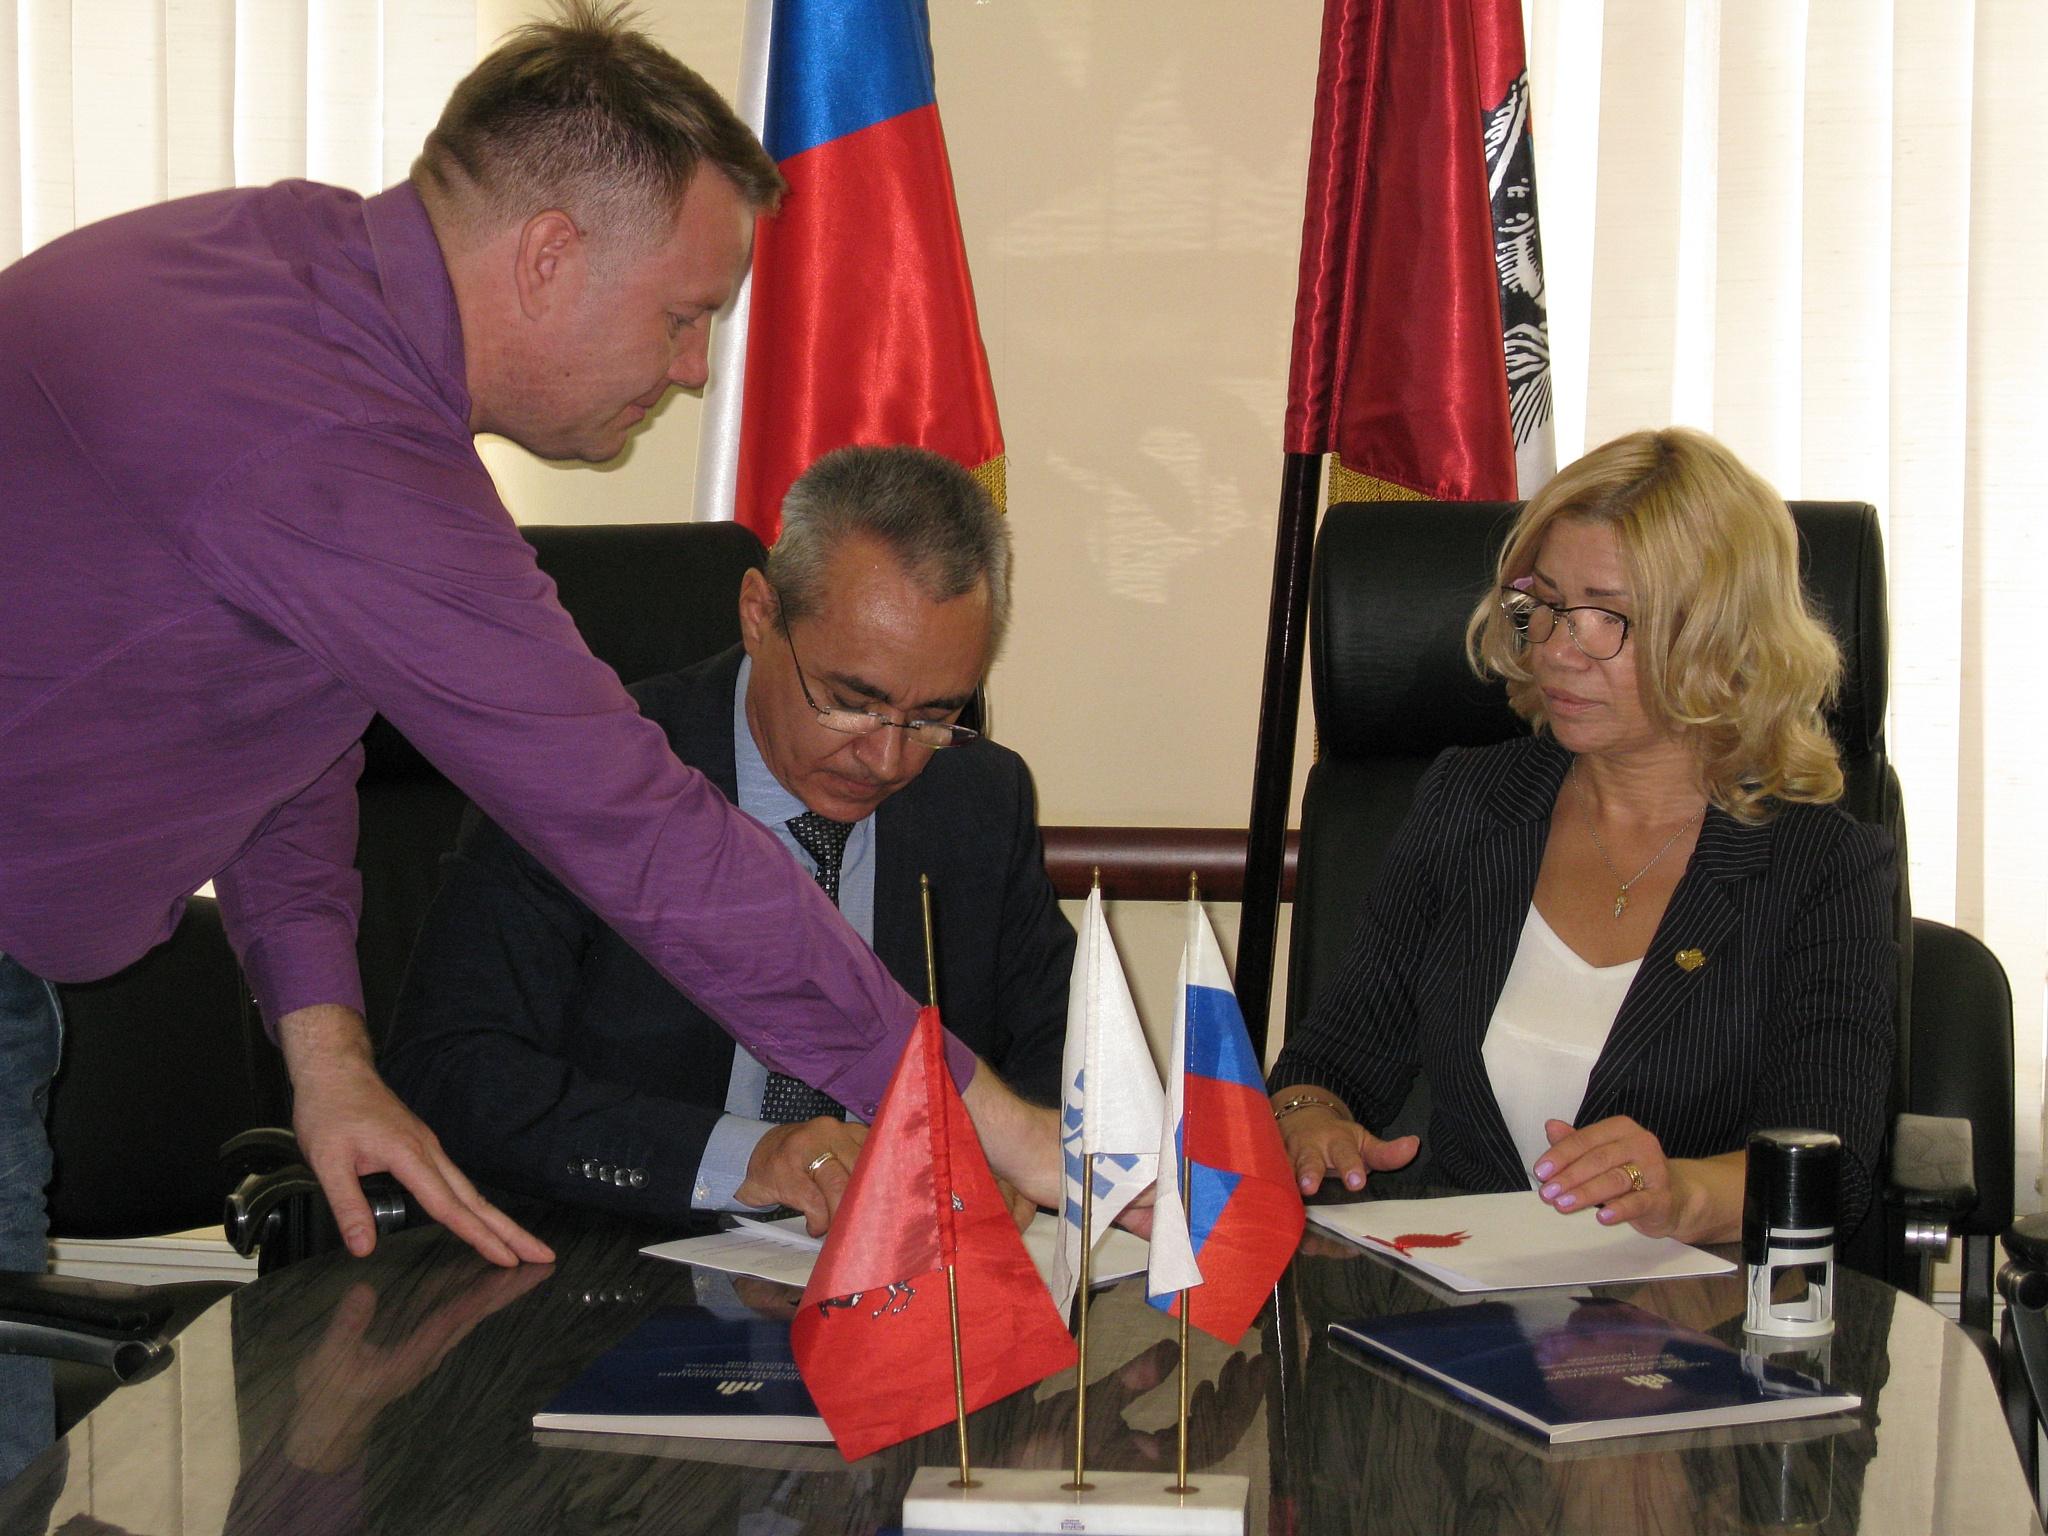 Подписано соглашение между КБК МОО МАП и Комитетом поддержки реформ Президента России